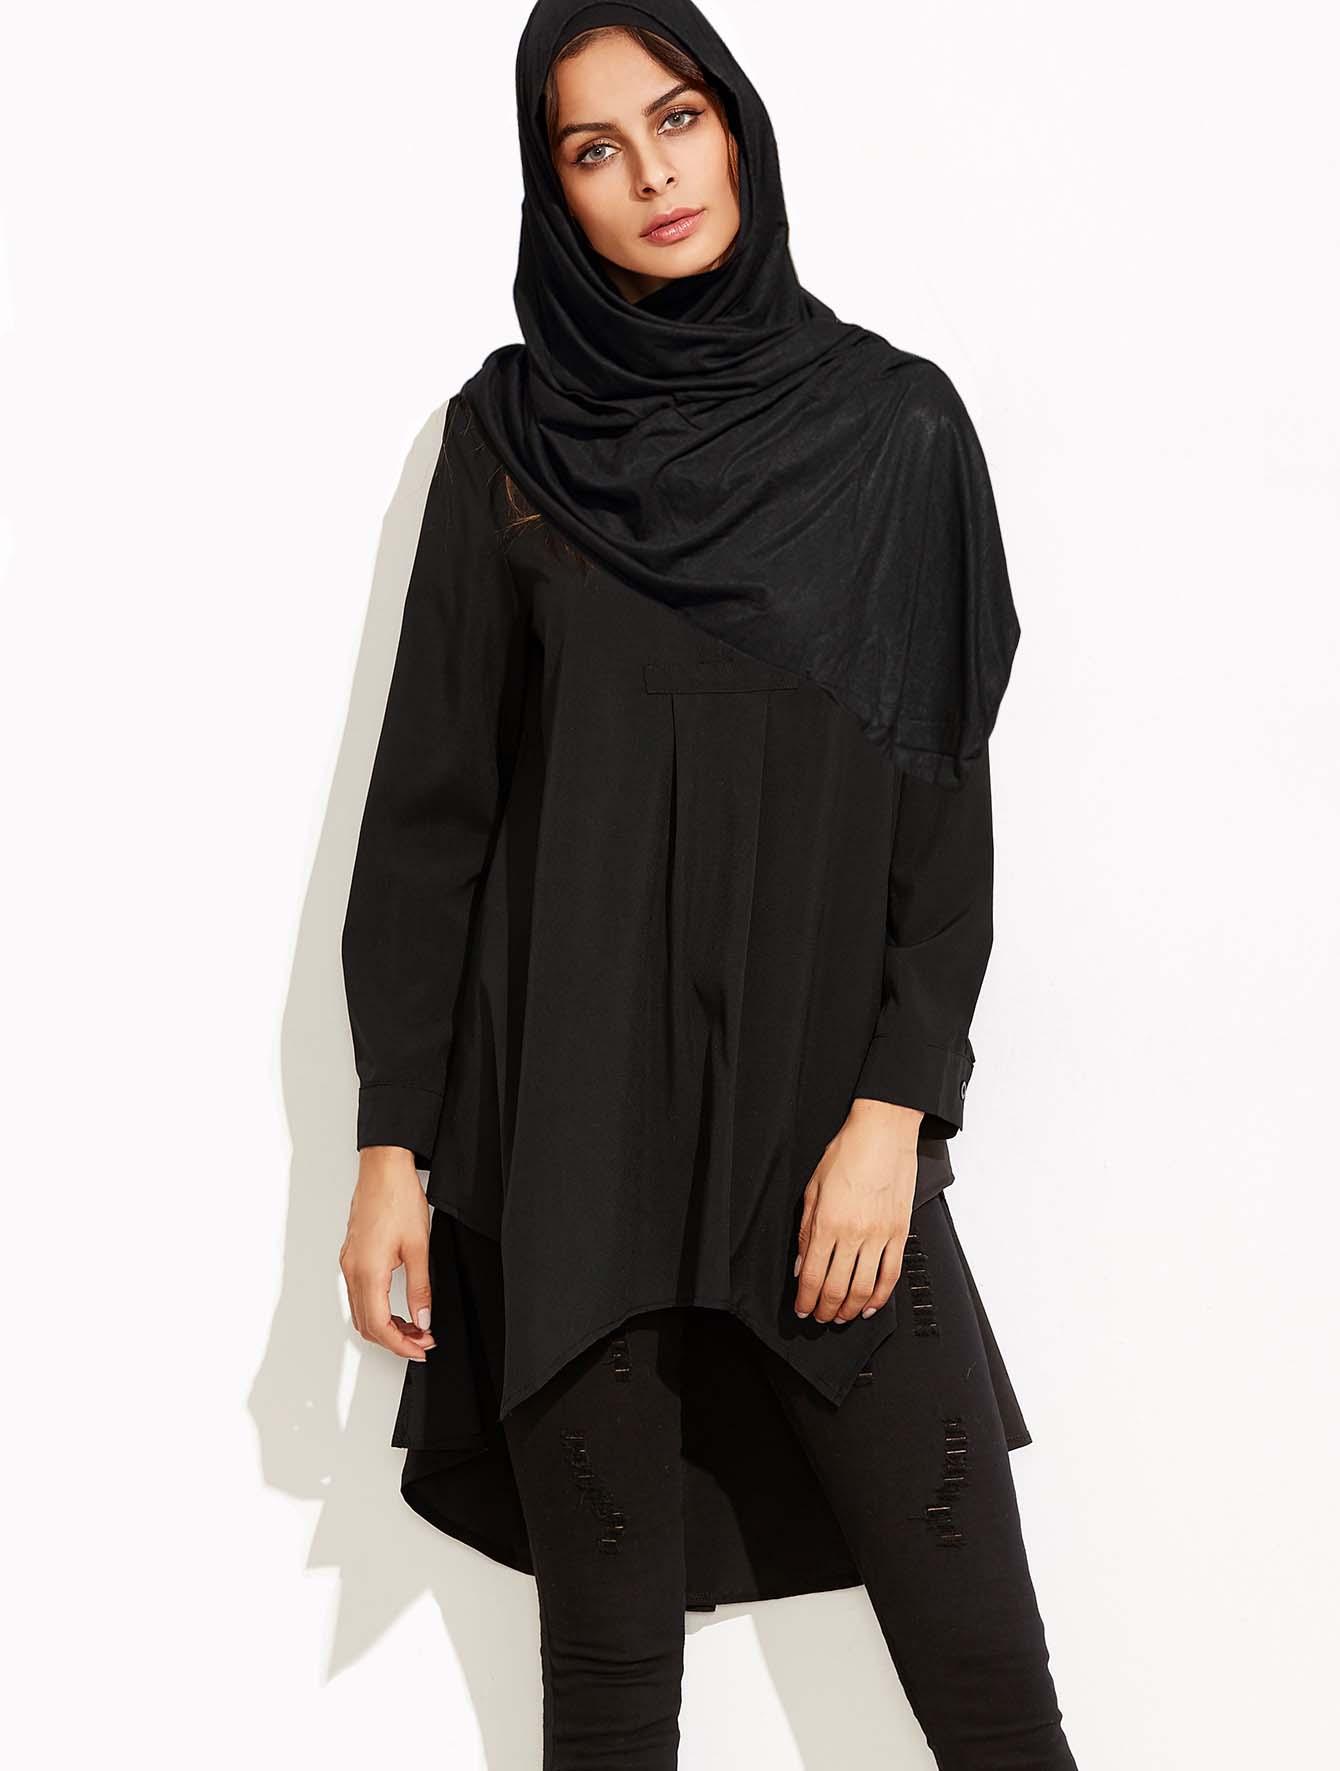 Chemisier noir maxi long idéal pour femme musulmane   Ynes Boutique e989d3f0bb31